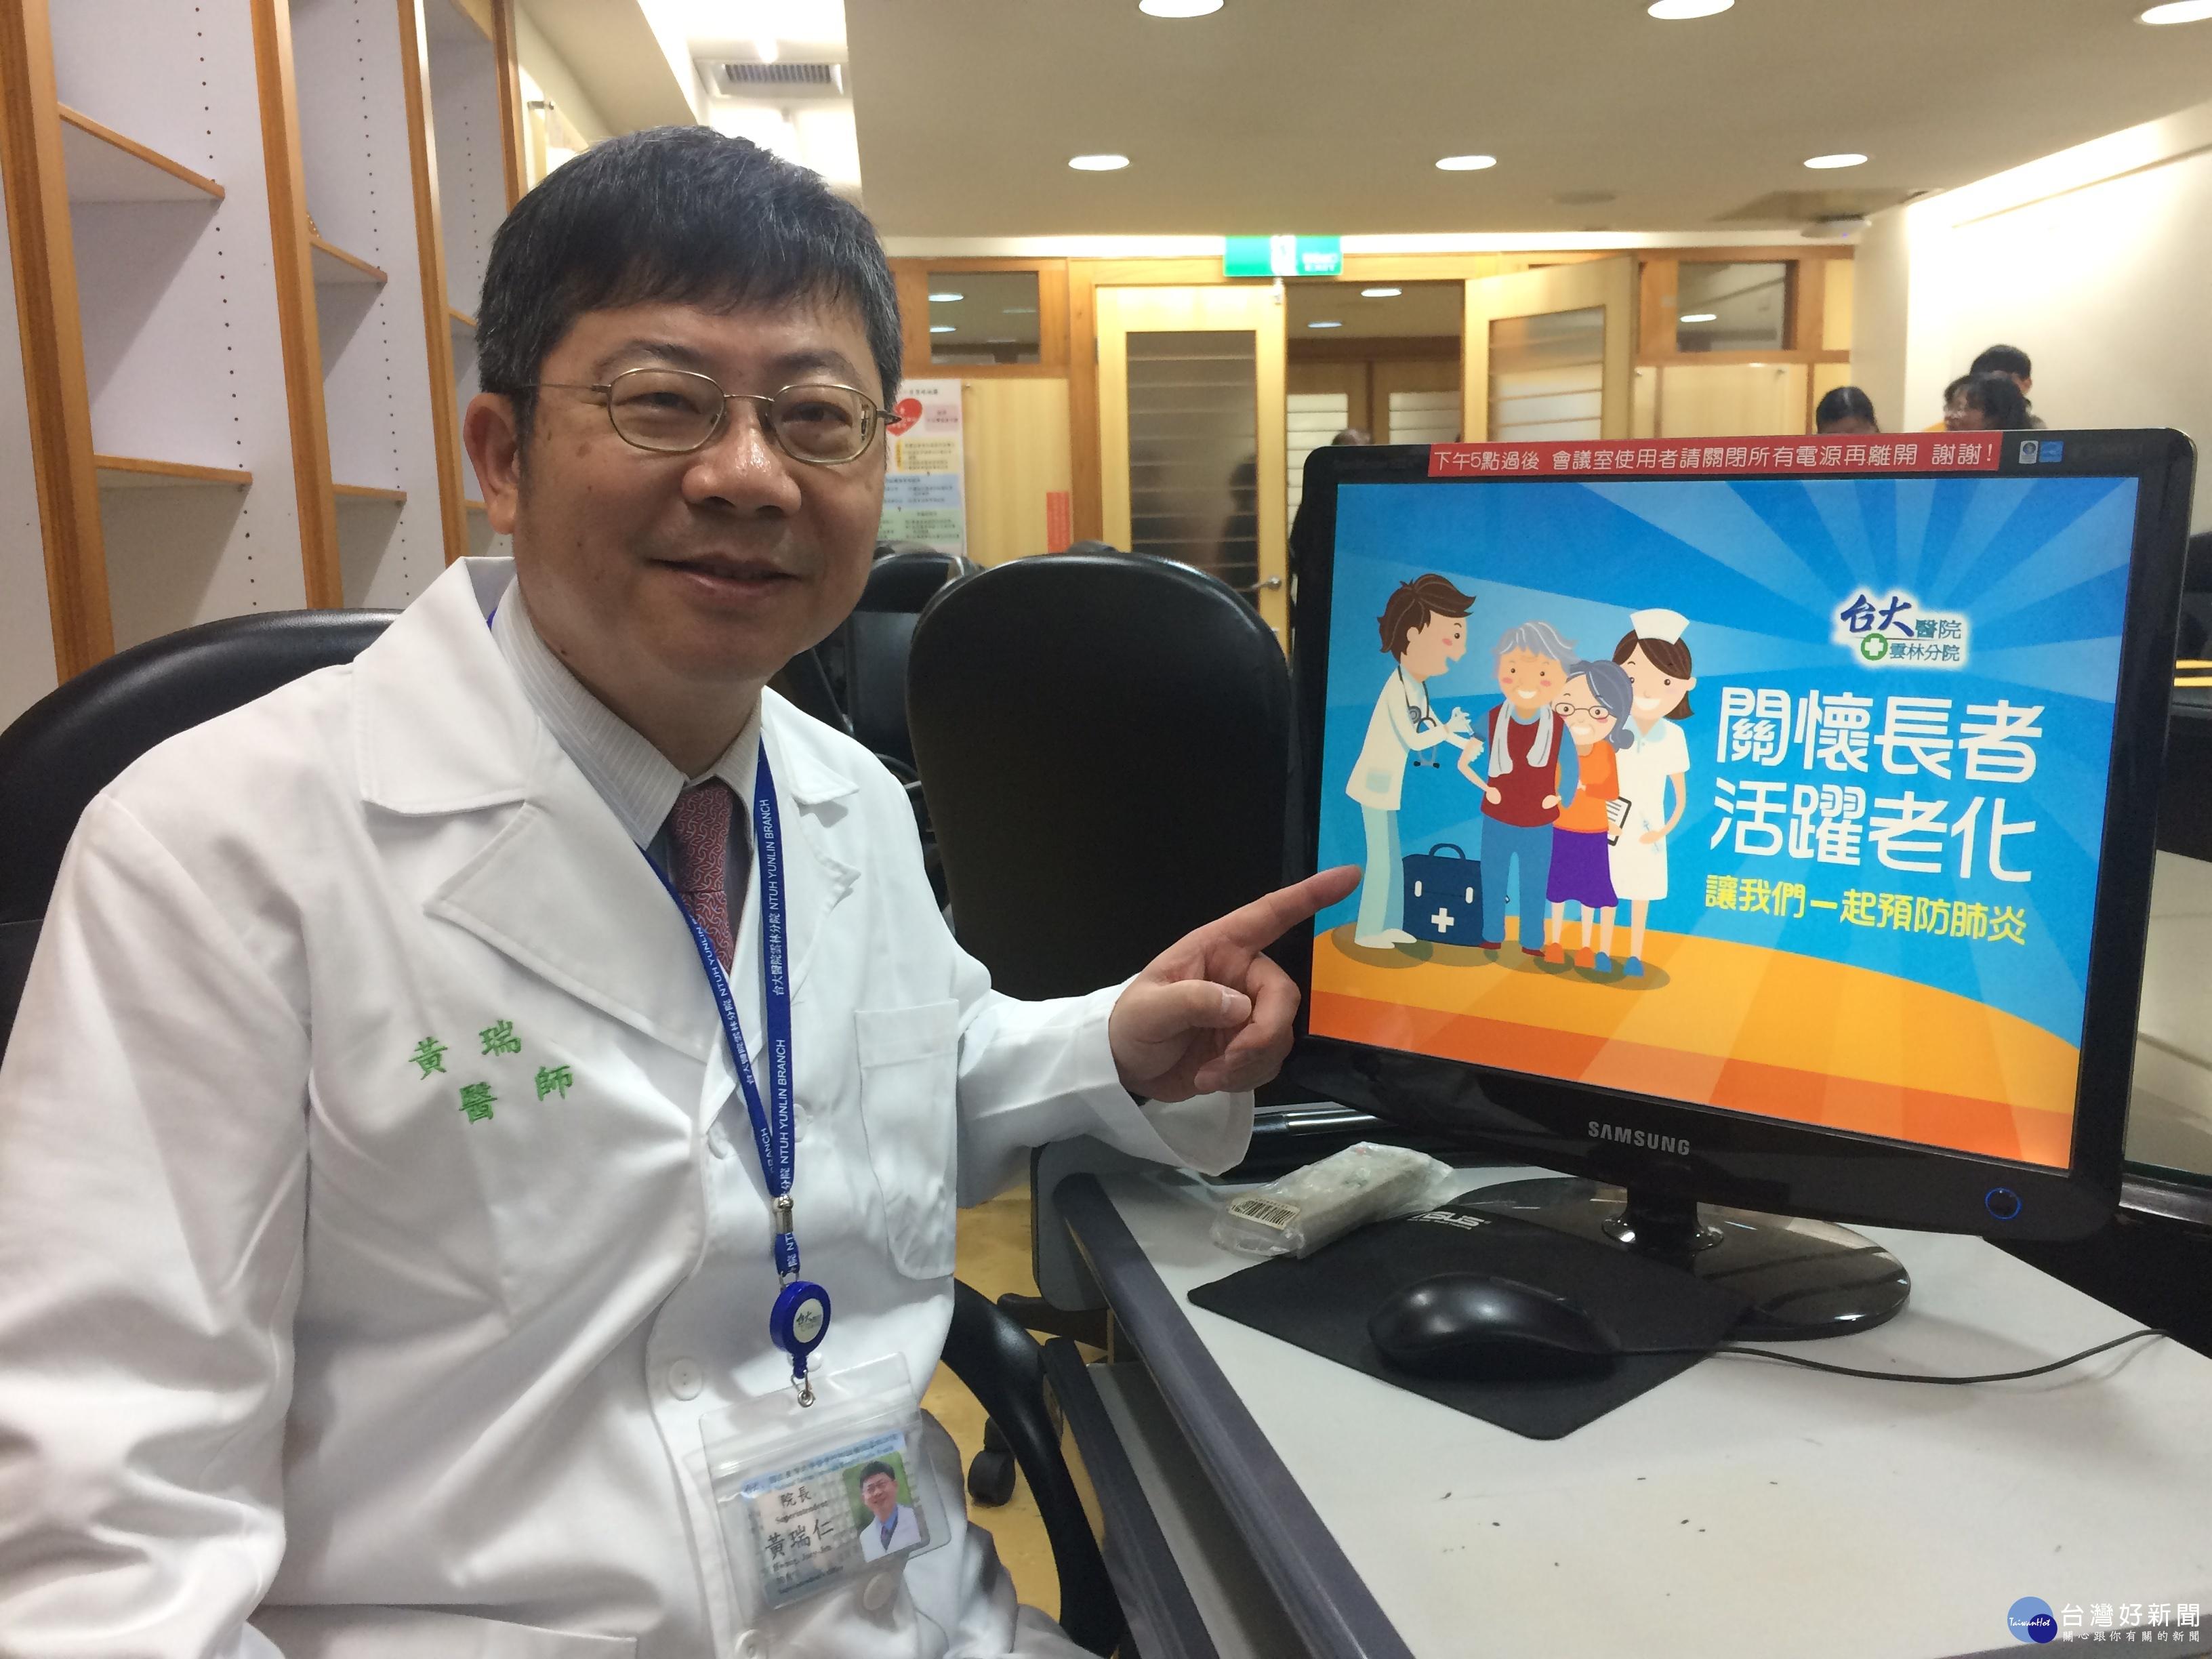 擊退老人殺手 65歲以上及慢性病患應及早接種肺炎鏈球菌疫苗